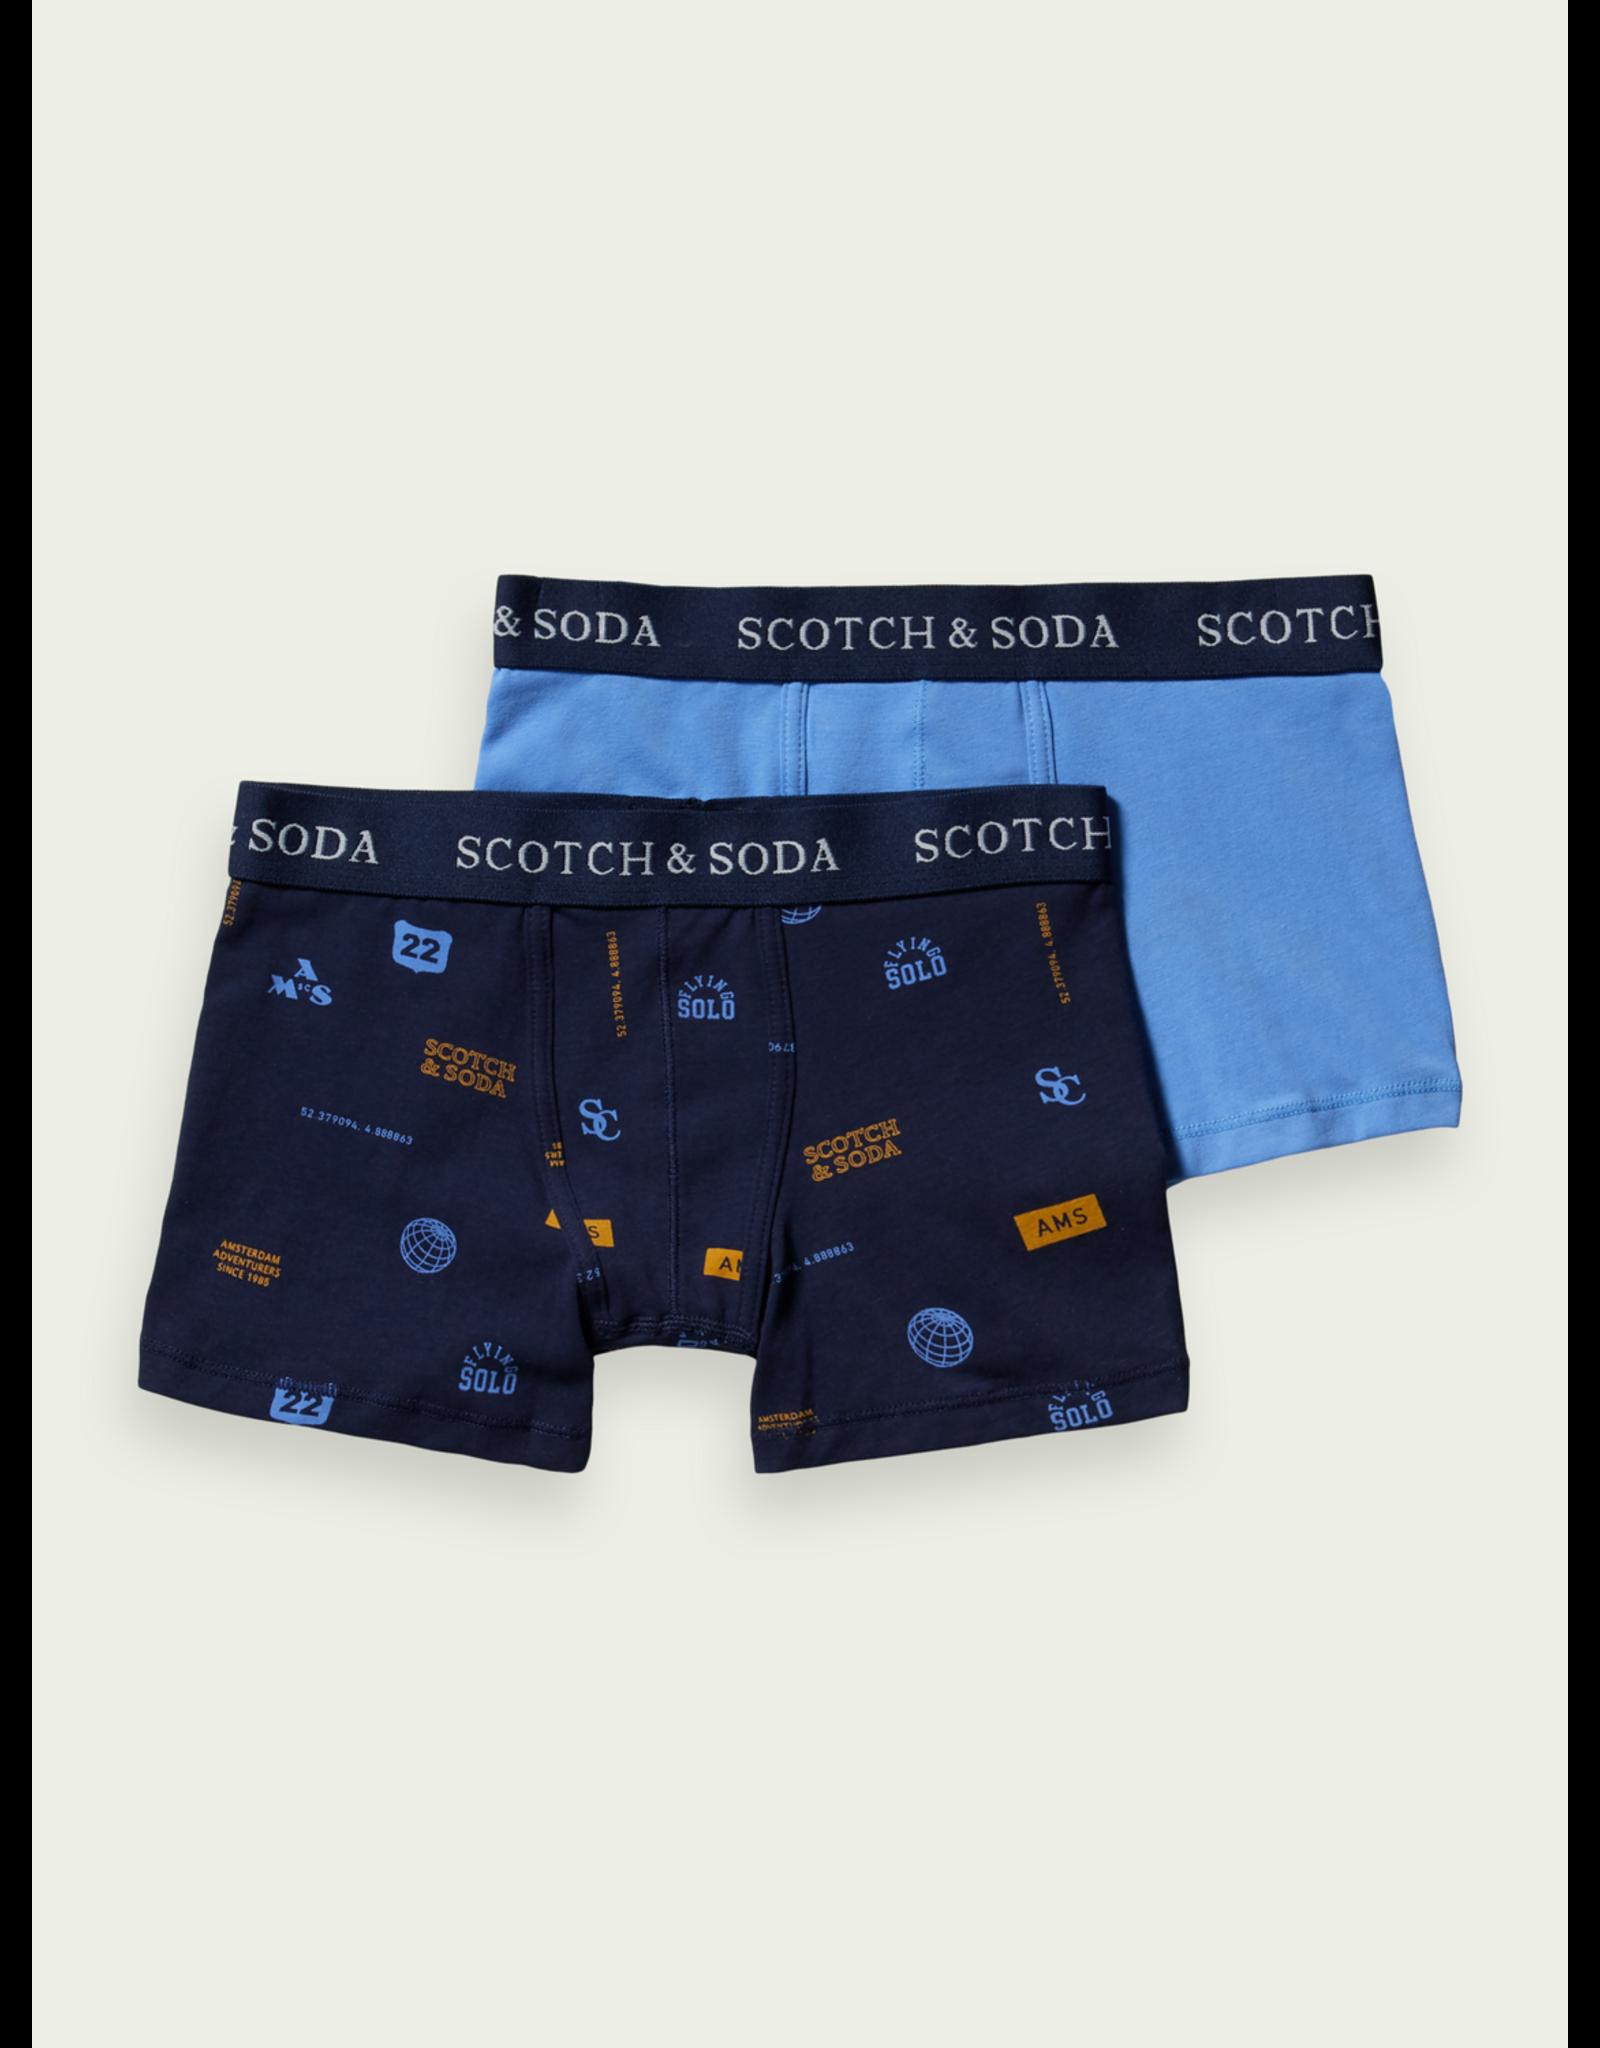 Scotch & Soda Boxershort 2 pack lichtblauw en navy